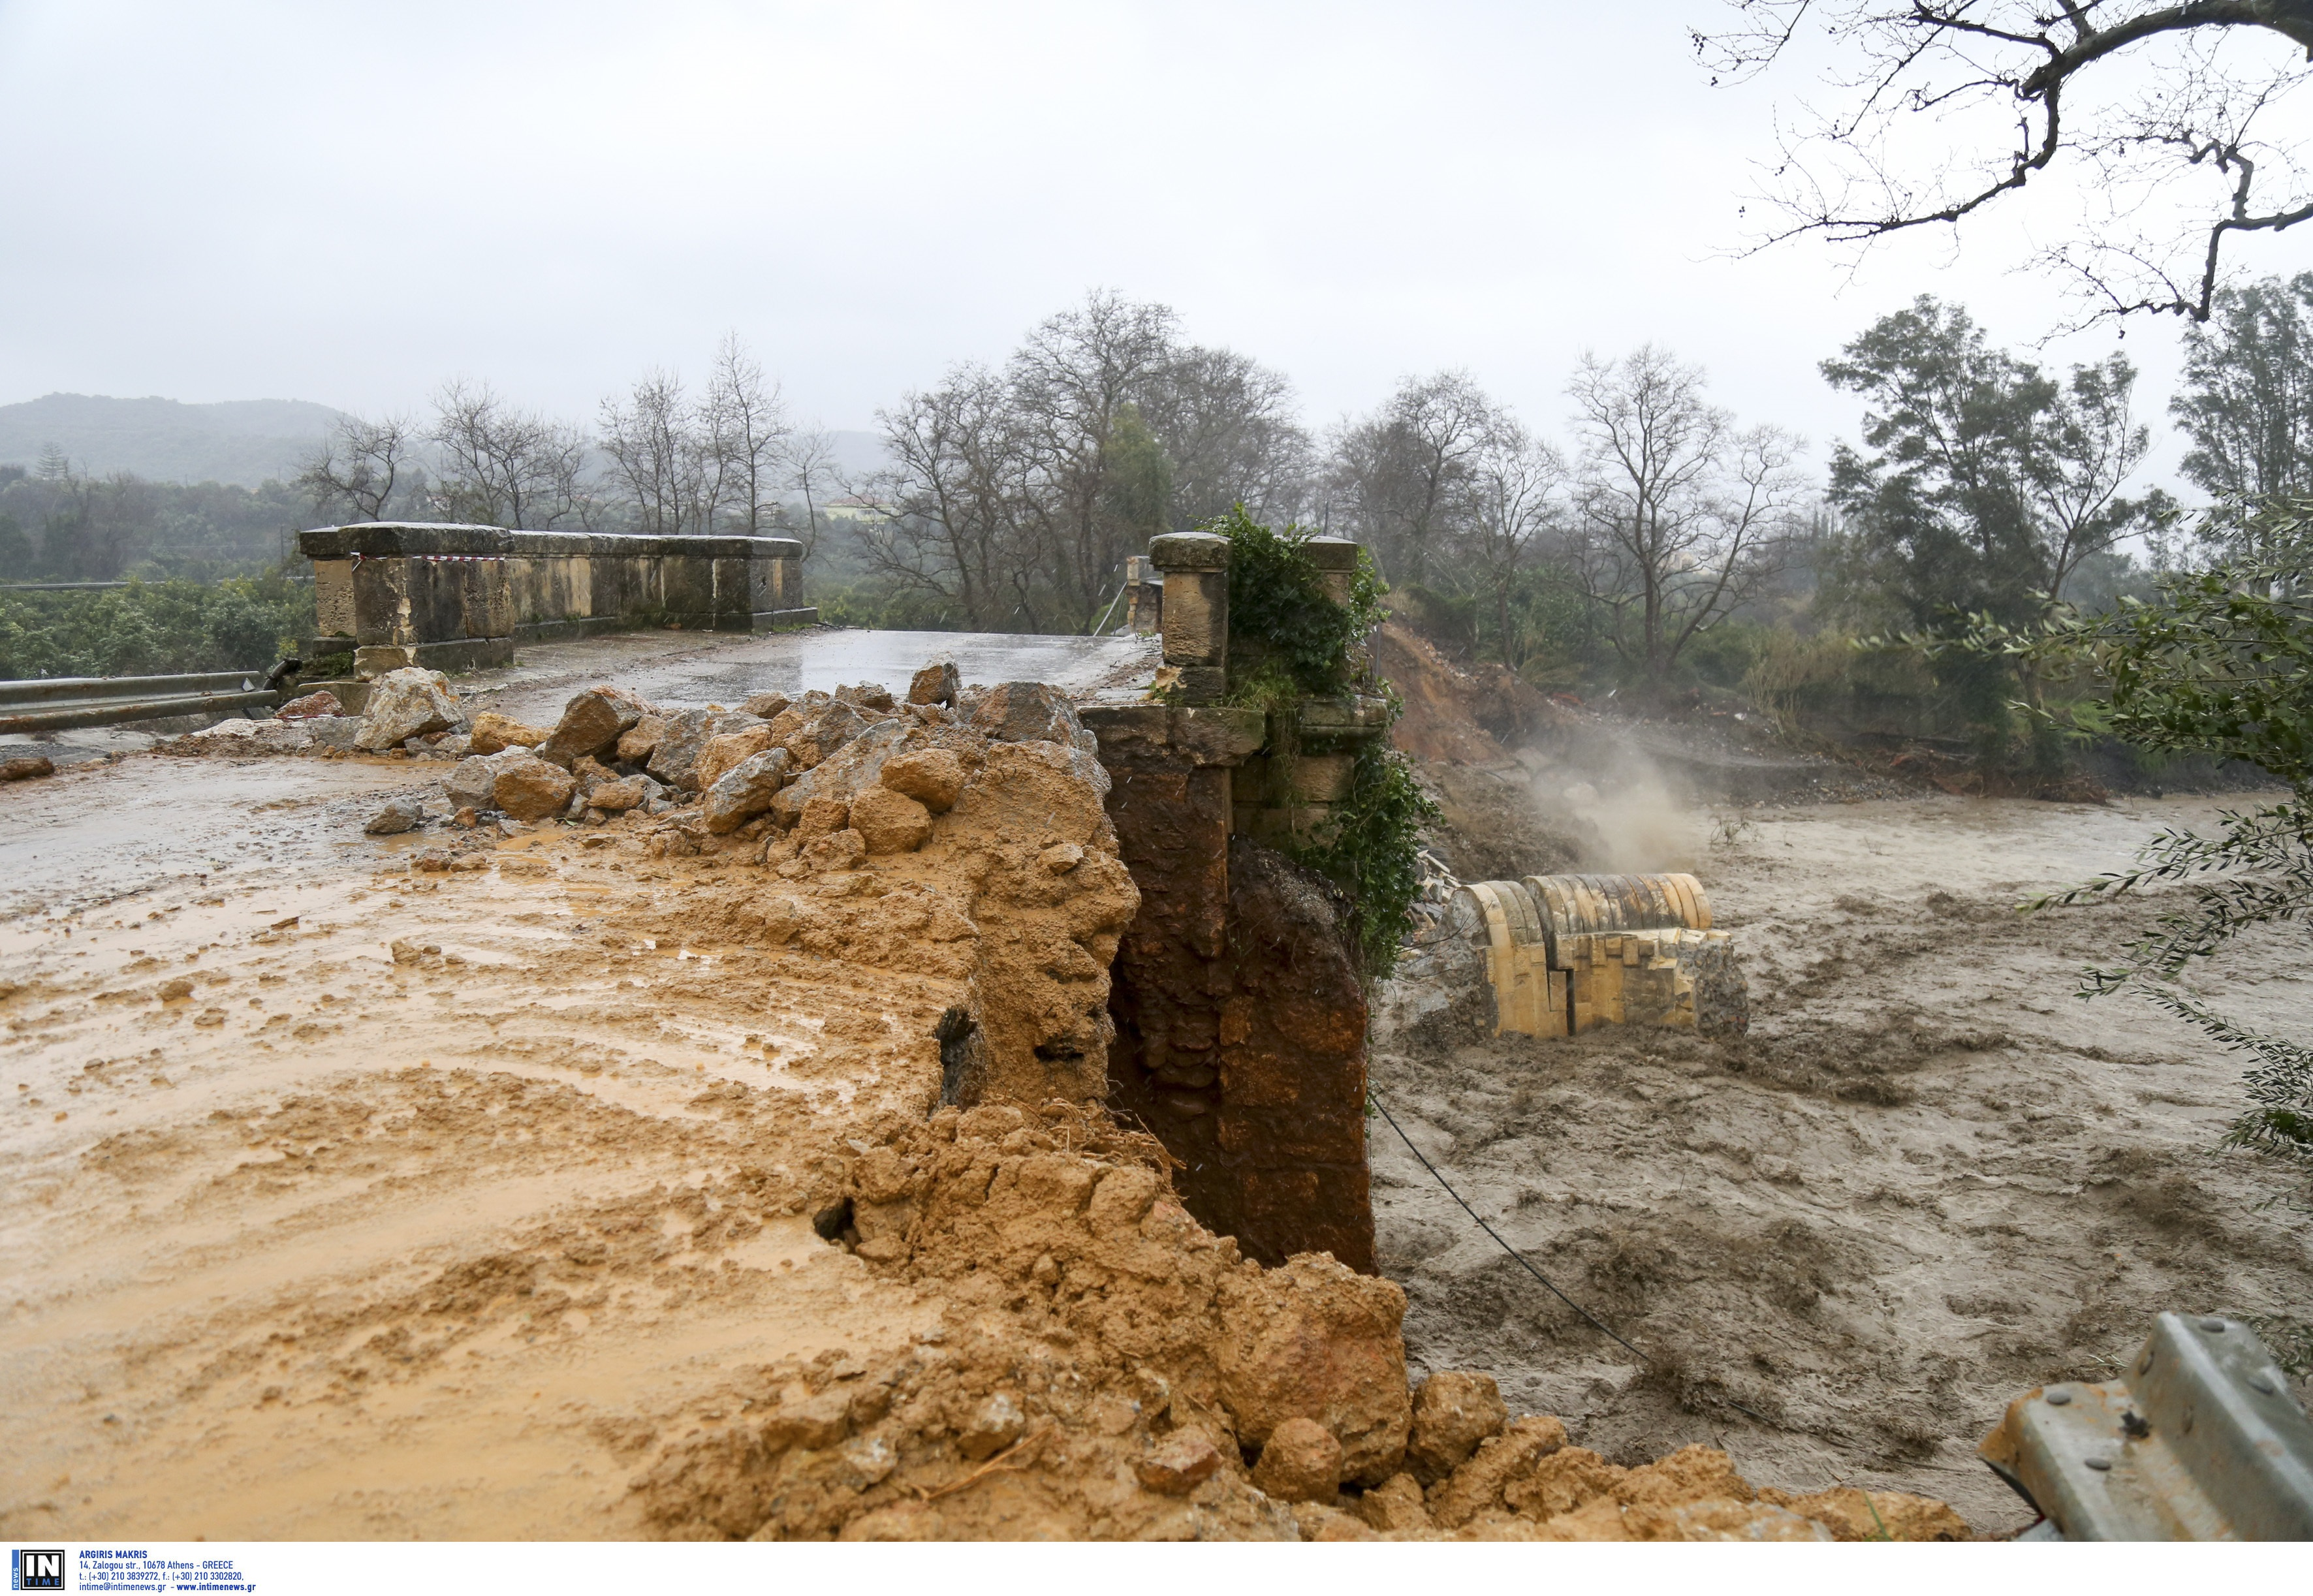 Σε κατάσταση έκτακτης ανάγκης ο Δήμος Οροπεδίου Λασιθίου εν όψει Ηφαιστίωνα